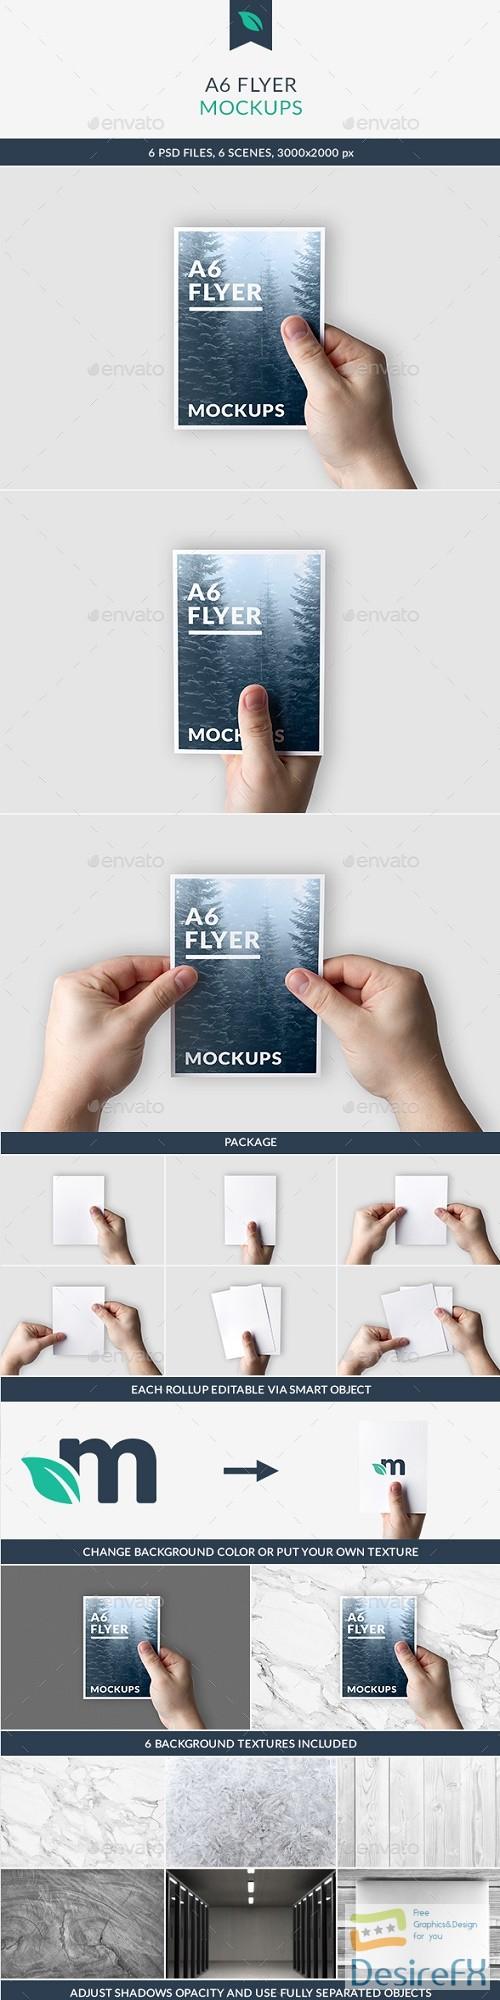 A6 Flyer Mockups 21350583